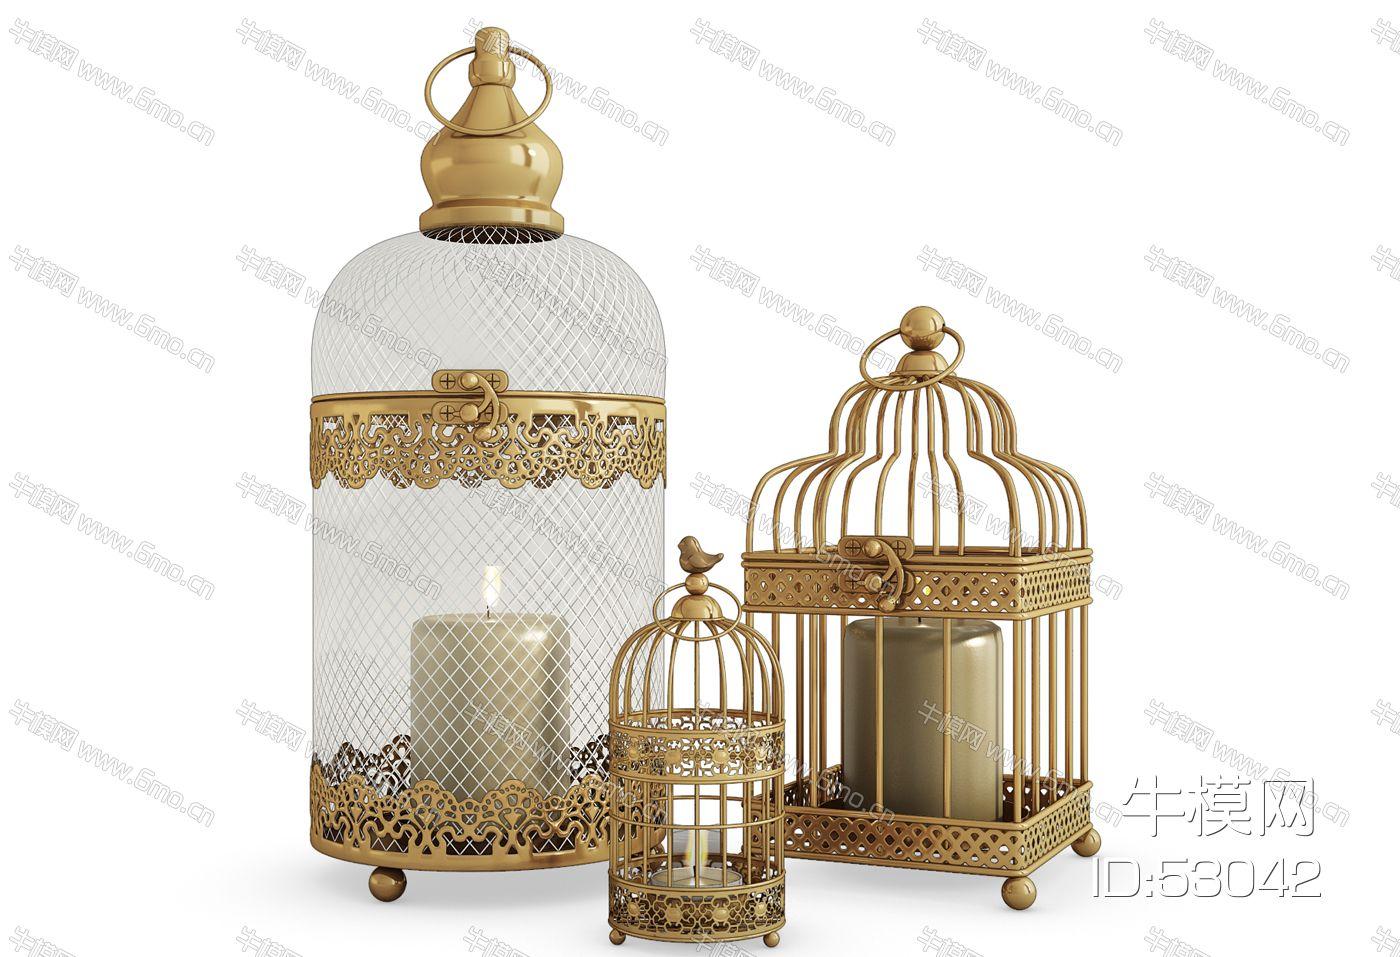 欧式铁艺鸟笼烛台灯落地灯